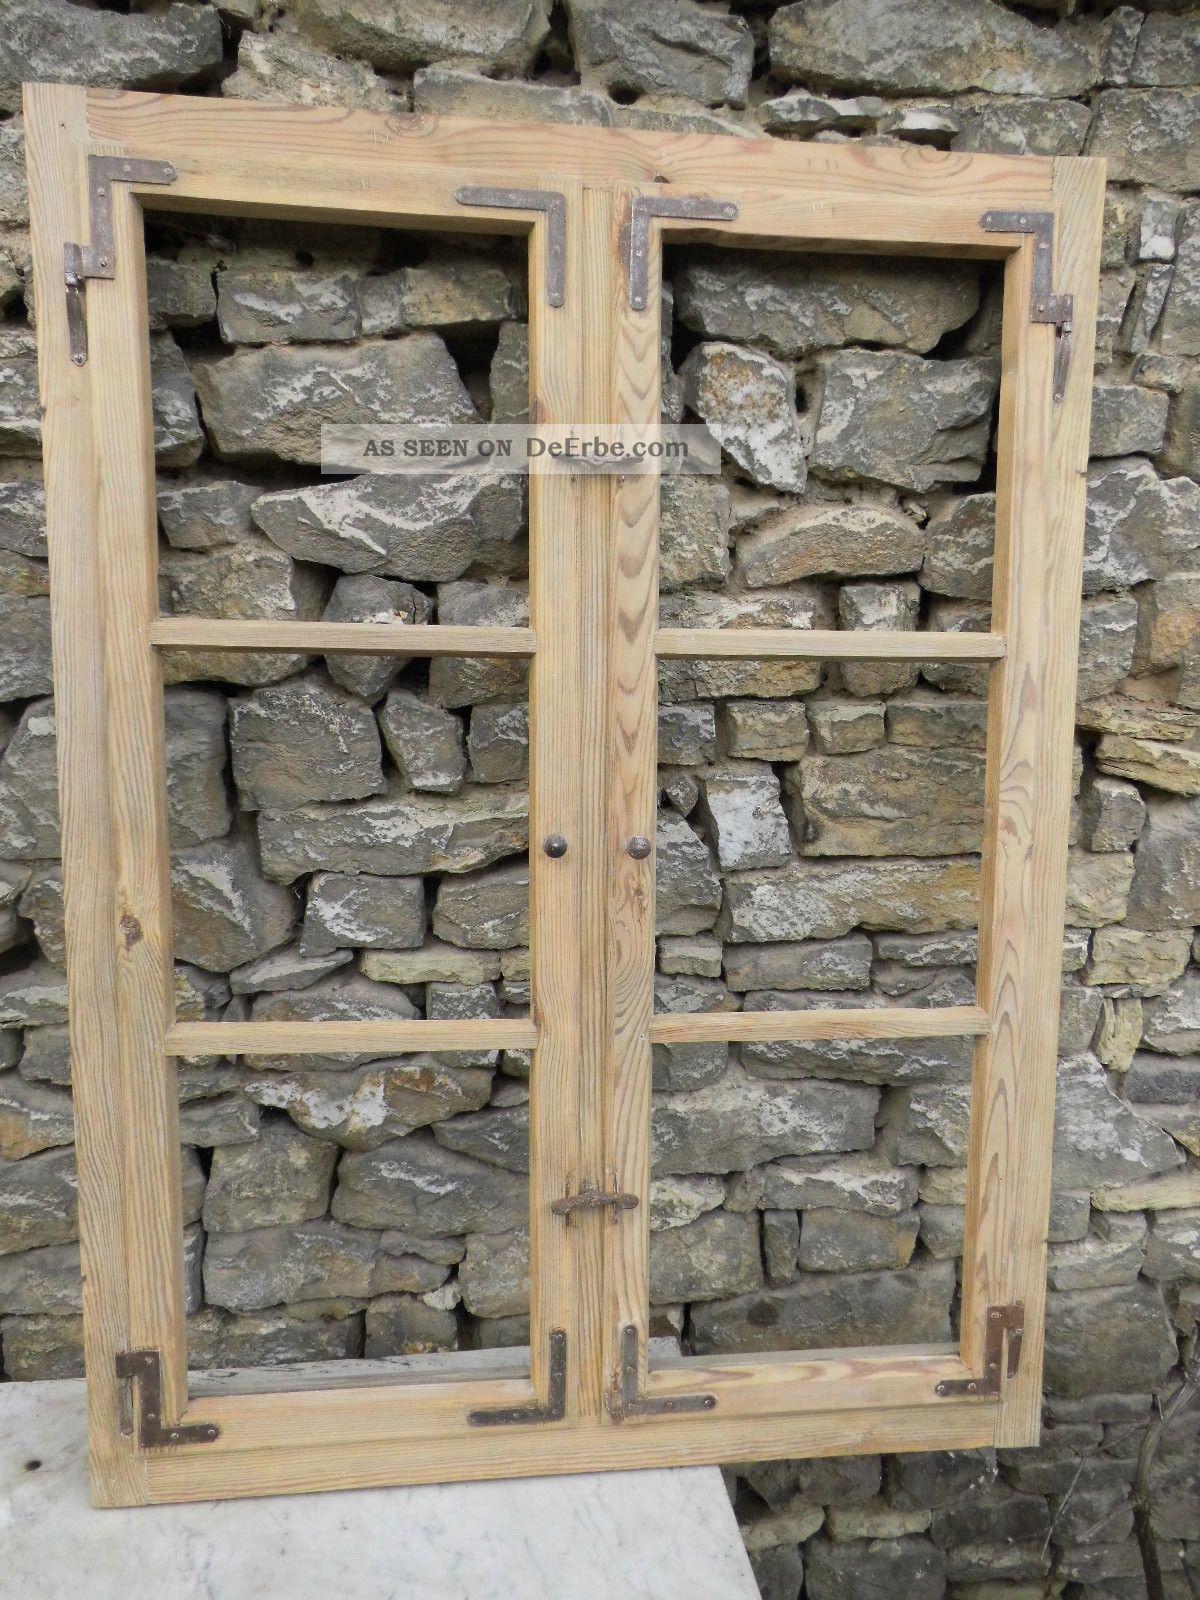 Full Size of Altes Holzfenster Landhaus Sprossenfenster Fenster Um 1930 Einbauen Sicherheitsbeschläge Nachrüsten Wärmeschutzfolie Jalousien Innen Weihnachtsbeleuchtung Fenster Landhaus Fenster